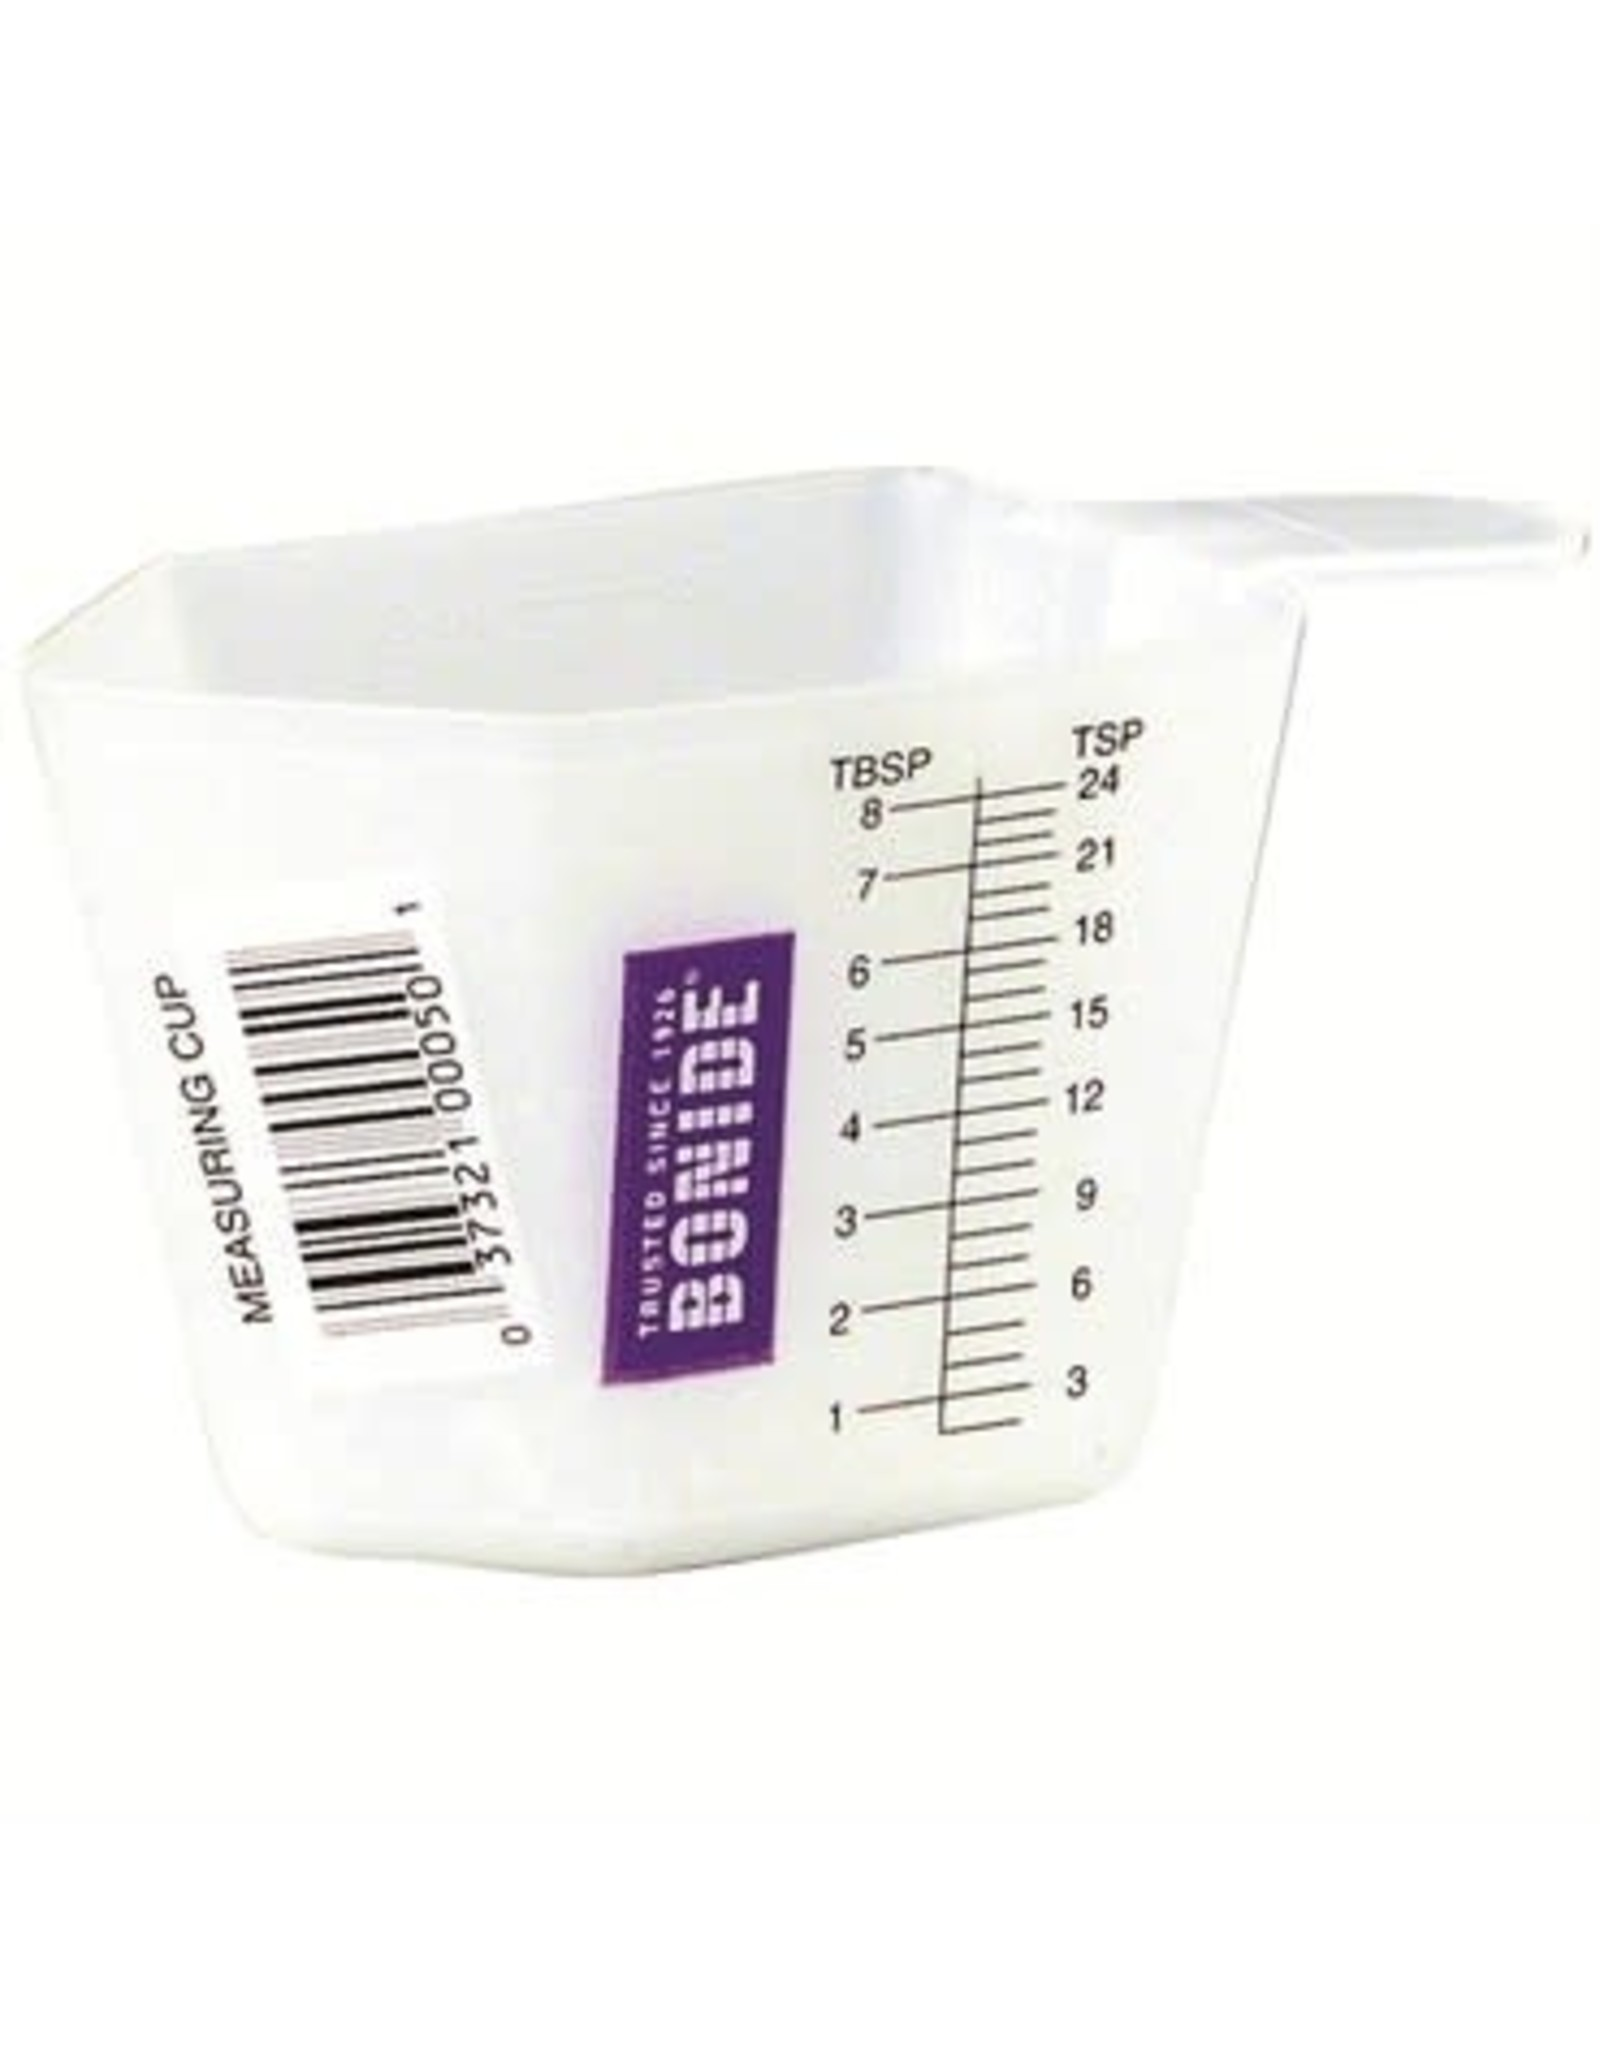 Measuring Cup - 4 oz